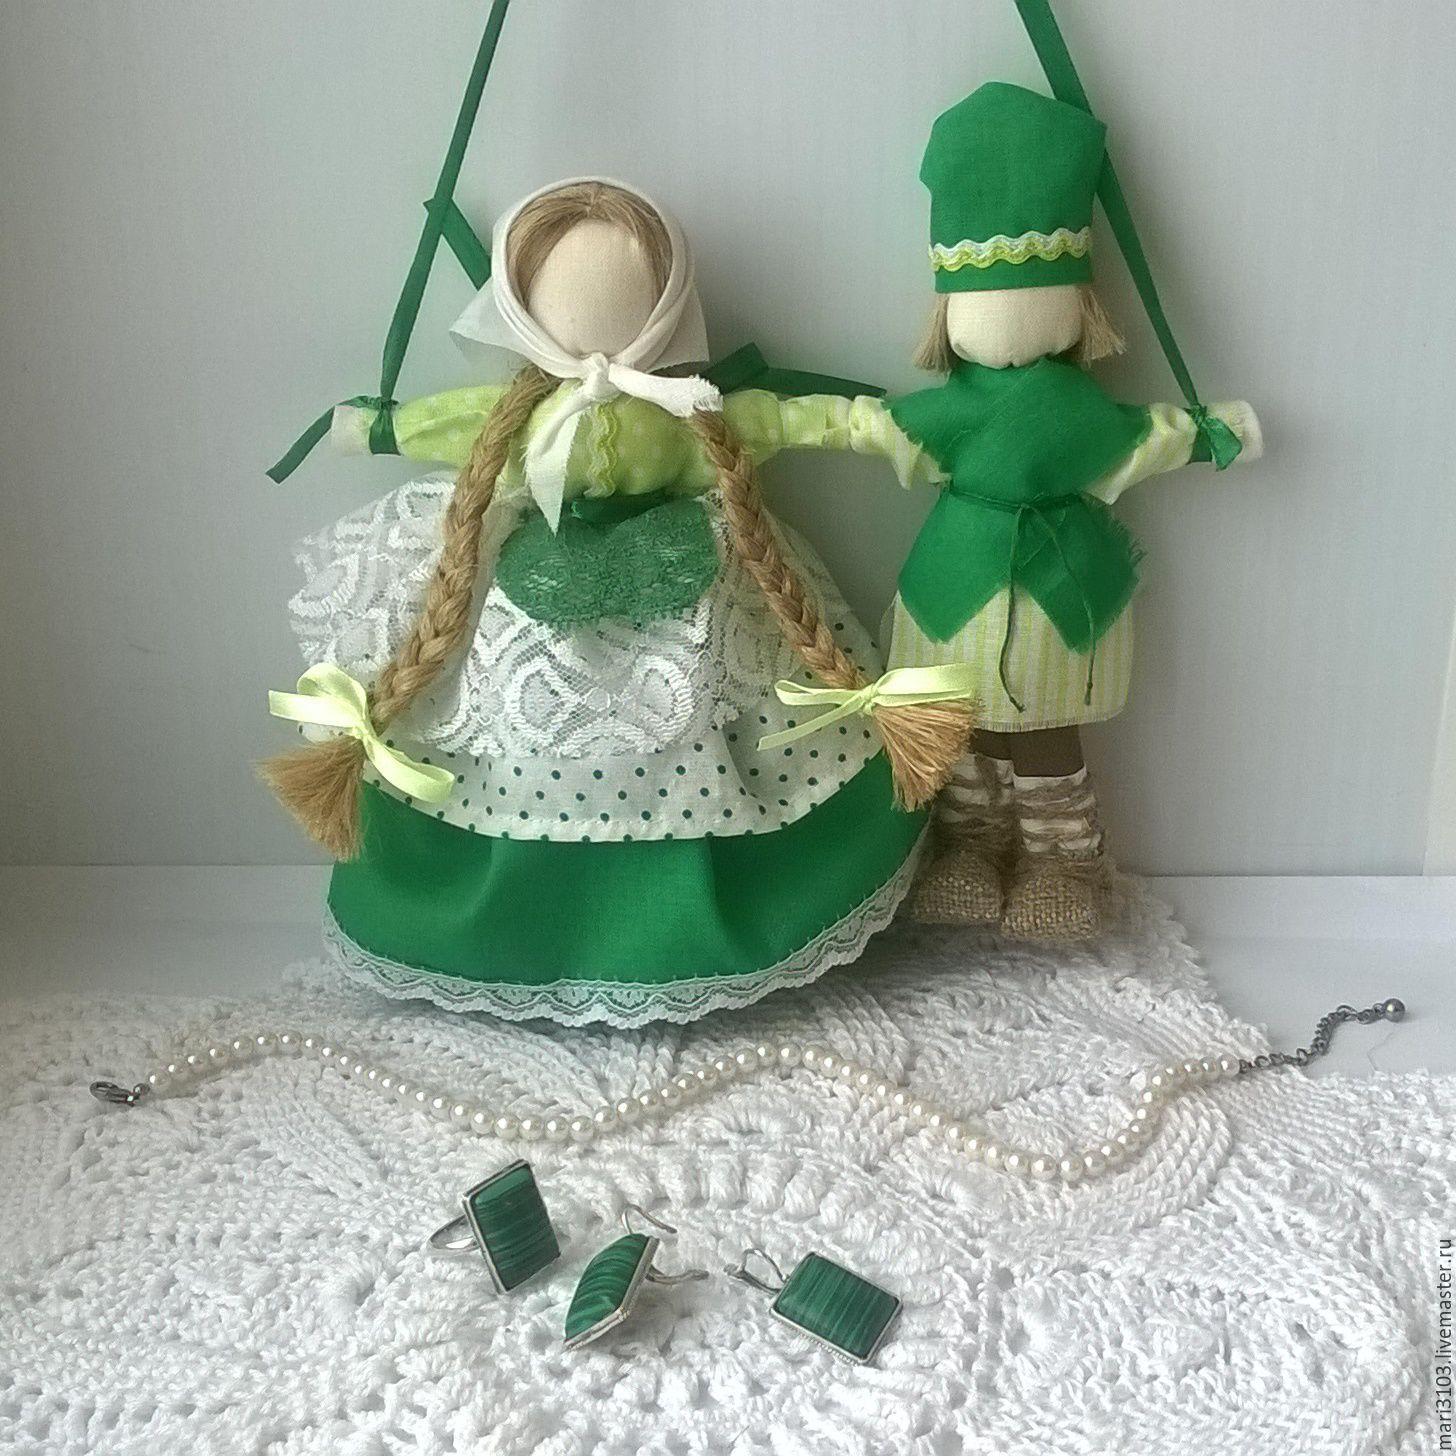 lovebird green wedding doll, Folk Dolls, Vyazma,  Фото №1